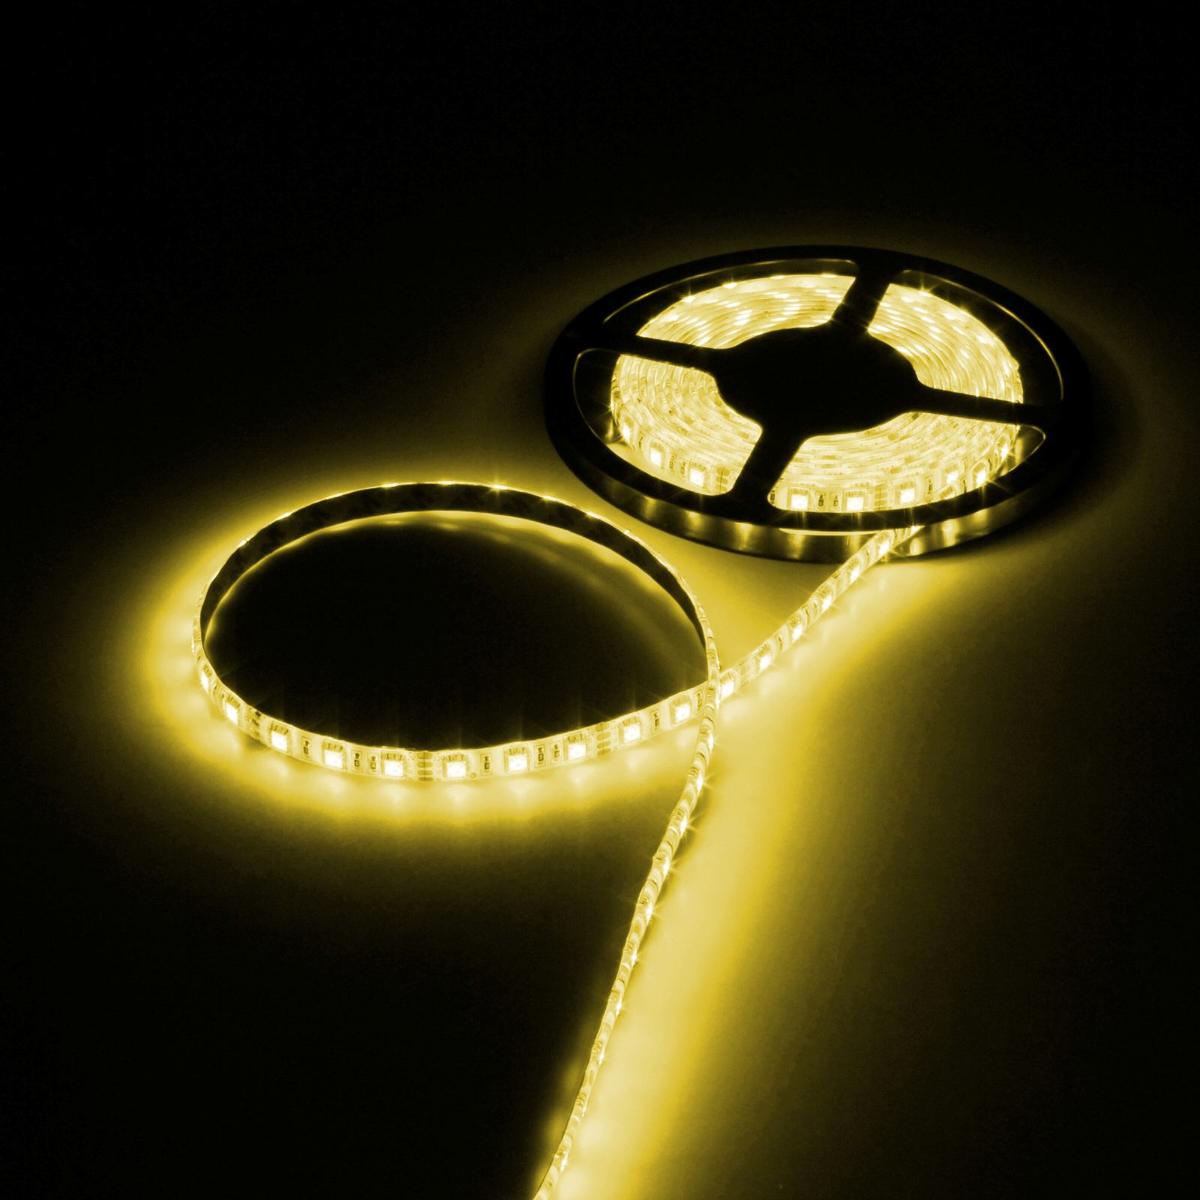 Светодиодная лента Luazon, 12В, SMD5050, длина 5 м, IP65, 60 LED ламп, 14.4 Вт/м, 14-16 Лм/1 LED, DC, цвет: желтый883948Светодиодные гирлянды, ленты и т.д — это отличный вариант для новогоднего оформления интерьера или фасада. С их помощью помещение любого размера можно превратить в праздничный зал, а внешние элементы зданий, украшенные ими, мгновенно станут напоминать очертания сказочного дворца. Такие украшения создают ауру предвкушения чуда. Деревья, фасады, витрины, окна и арки будто специально созданы, чтобы вы украсили их светящимися нитями.